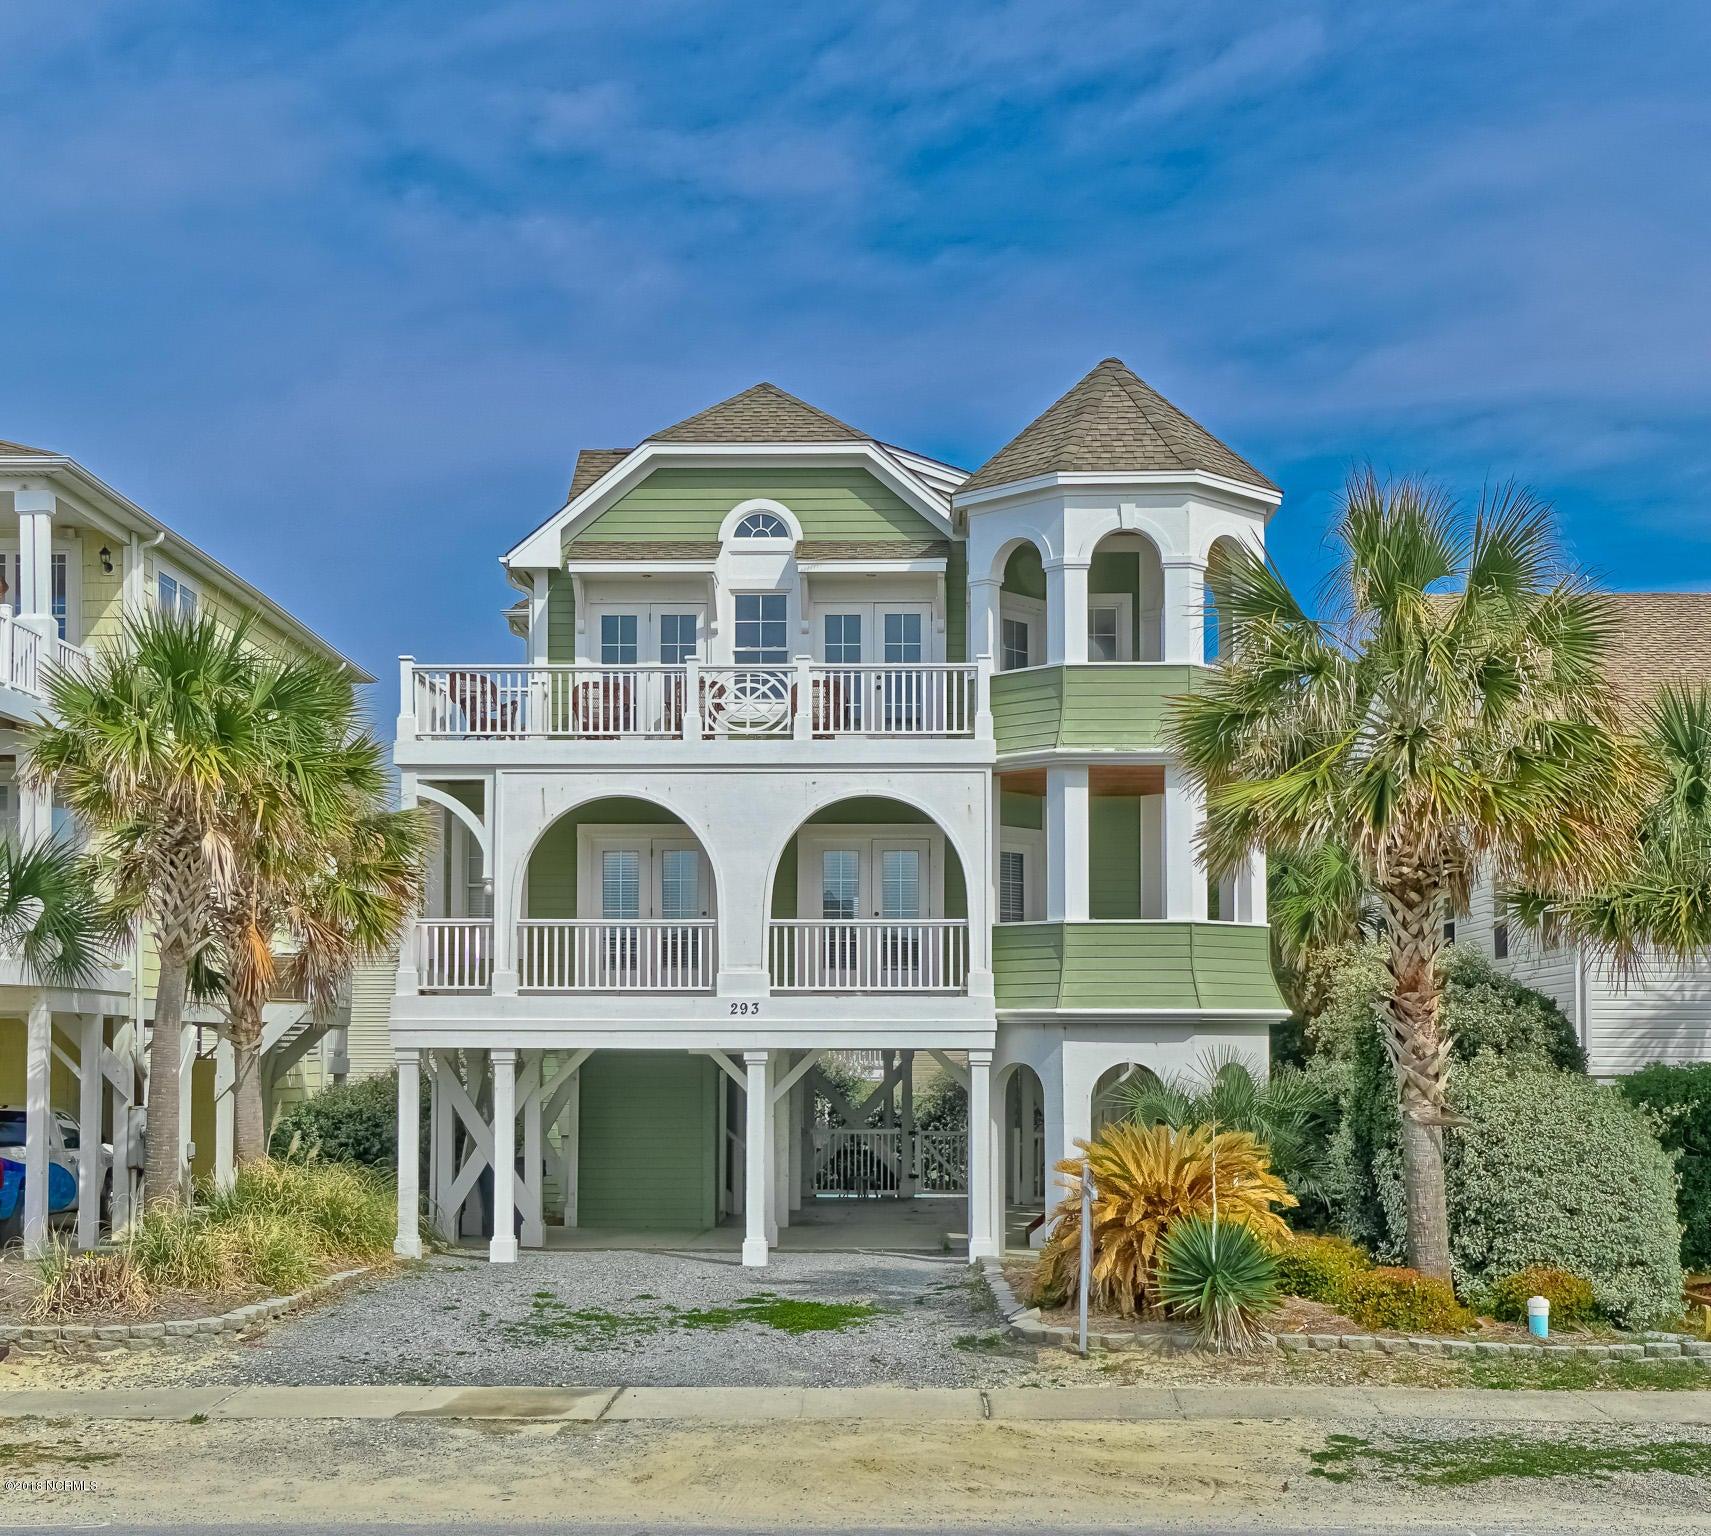 293 E First Street Ocean Isle Beach, NC 28469